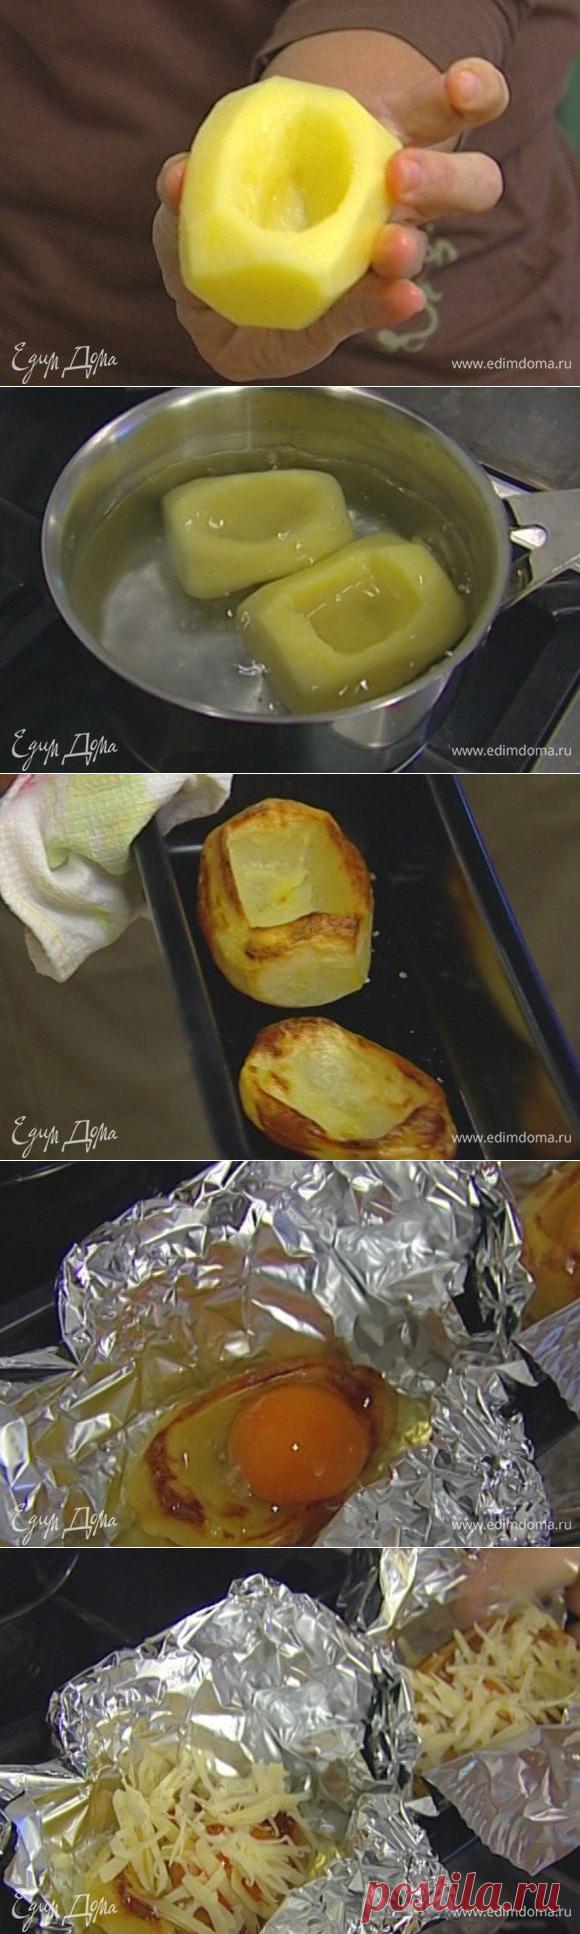 Яйца Пармантье рецепт 👌 с фото пошаговый | Едим Дома кулинарные рецепты от Юлии Высоцкой